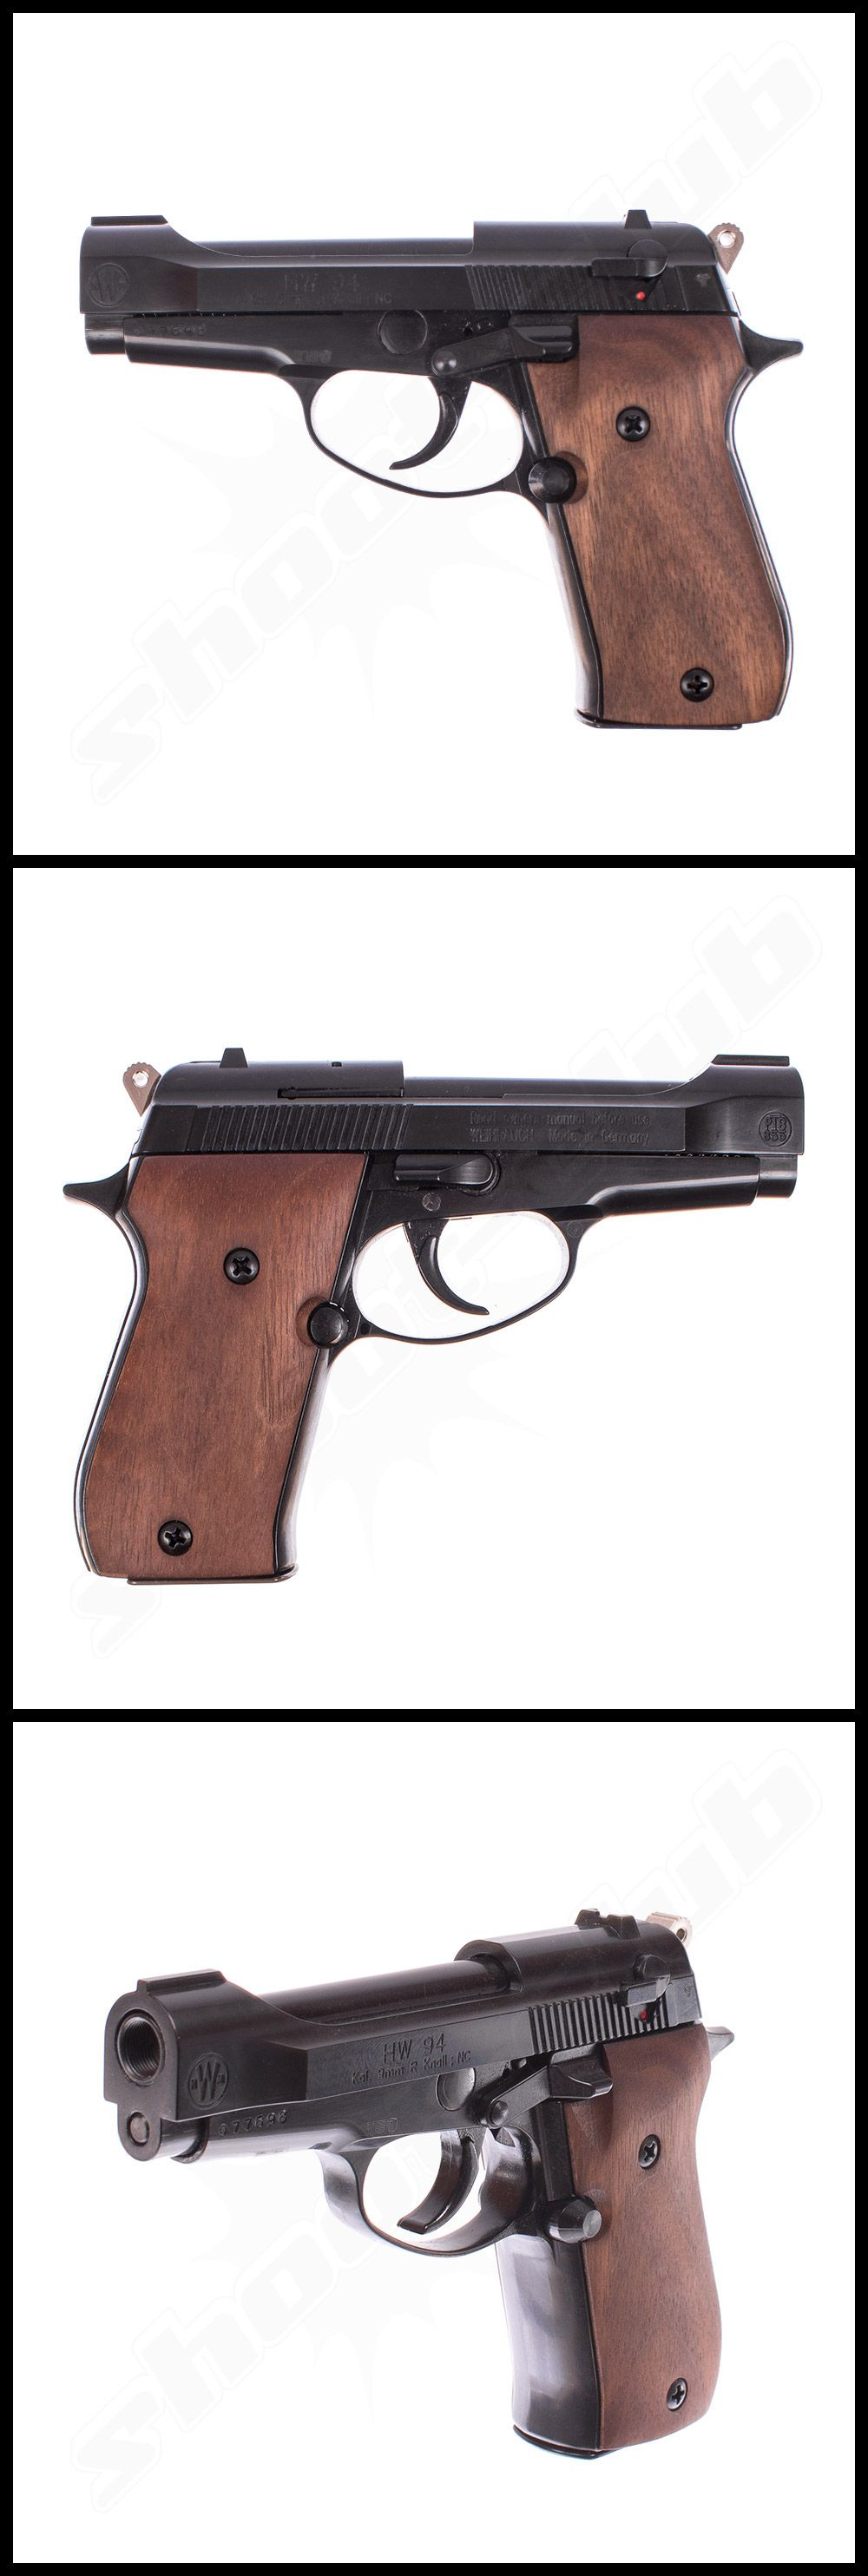 weihrauch hw94 schreckschusspistole 9mm r k weitere. Black Bedroom Furniture Sets. Home Design Ideas